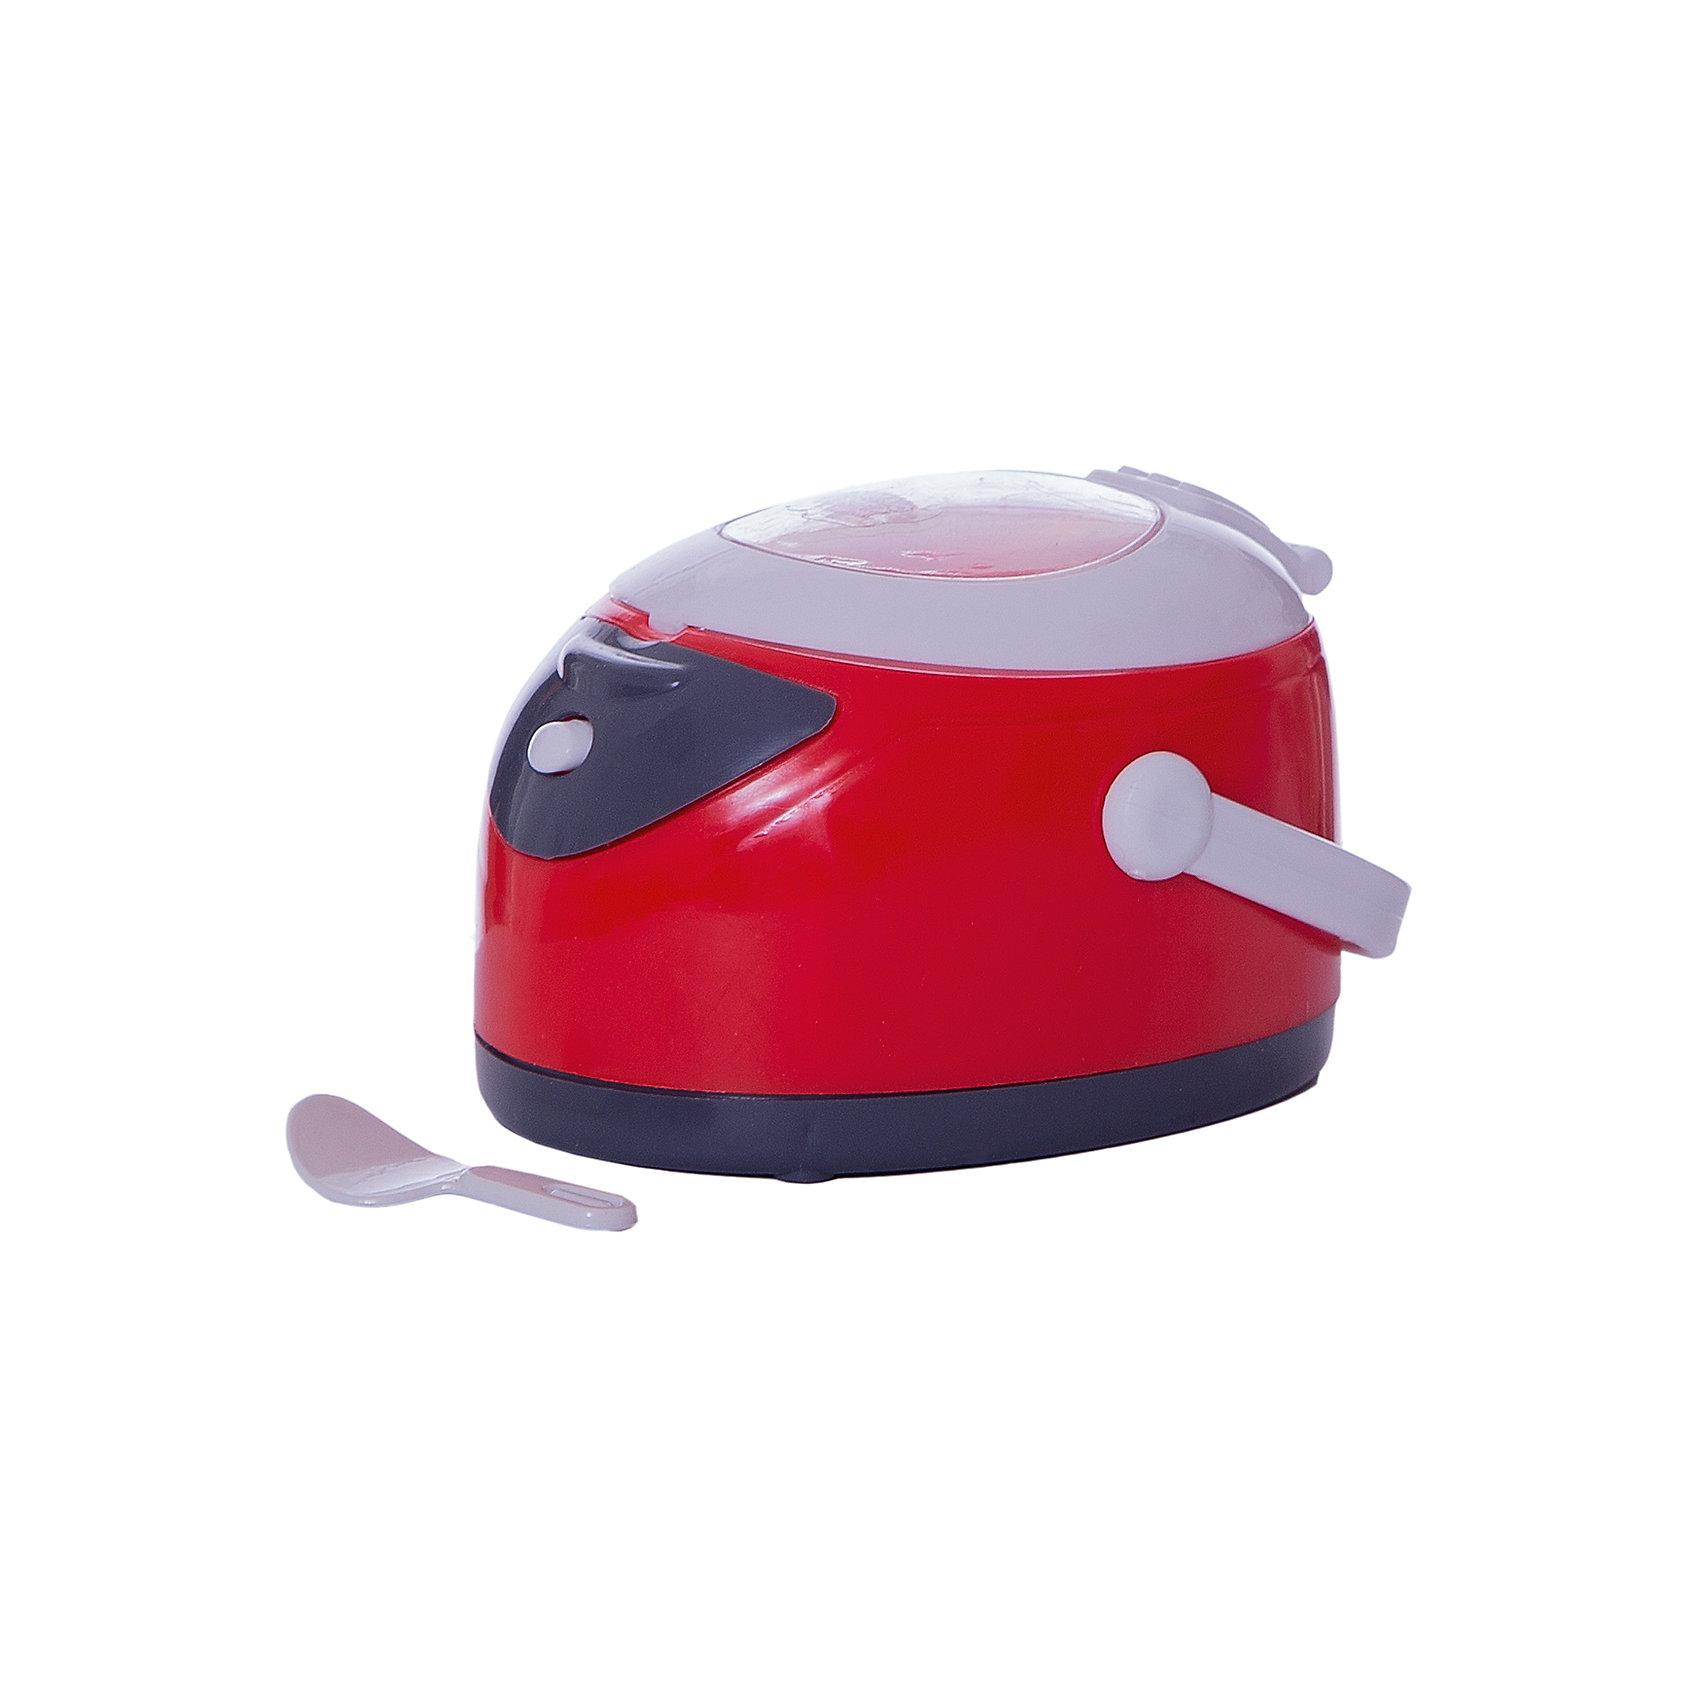 Мультиварка в наборе с ложкой, со световыми эффектами, ABtoysИгрушечная бытовая техника<br>Мультиварка в наборе с ложкой, со световыми эффектами, ABtoys (АБтойс)<br><br>Характеристики:<br><br>• световые эффекты<br>• реалистичные звуки<br>• в комплекте: мультиварка, ложка<br>• материал: пластик<br>• батарейки : АА - 2 шт. (не входят в комплект)<br>• размер упаковки: 15,5х9х17 см<br>• вес: 200 грамм<br><br>Игрушечная мультиварка станет любимым кухонным прибором ребенка, благодаря своей реалистичности. Игрушка очень похожа на свой прототип, оснащена световыми эффектами, звуком и вибрацией, имитирующей приготовление пищи. Как и настоящая мультиварка, игрушка имеет удобную ручку для переноски. В комплект входит ложка, которой ребенок сможет помешивать еду во время приготовления. Играя с реалистичной мультиваркой, юный помощник научится справляться с бытовой техникой, чтобы в дальнейшем с легкостью помогать маме. Для работы необходимы две батарейки АА (не входят в комплект).<br><br>Мультиварку в наборе с ложкой, со световыми эффектами, ABtoys (АБтойс) вы можете купить в нашем интернет-магазине.<br><br>Ширина мм: 155<br>Глубина мм: 90<br>Высота мм: 170<br>Вес г: 200<br>Возраст от месяцев: 36<br>Возраст до месяцев: 2147483647<br>Пол: Женский<br>Возраст: Детский<br>SKU: 5571427